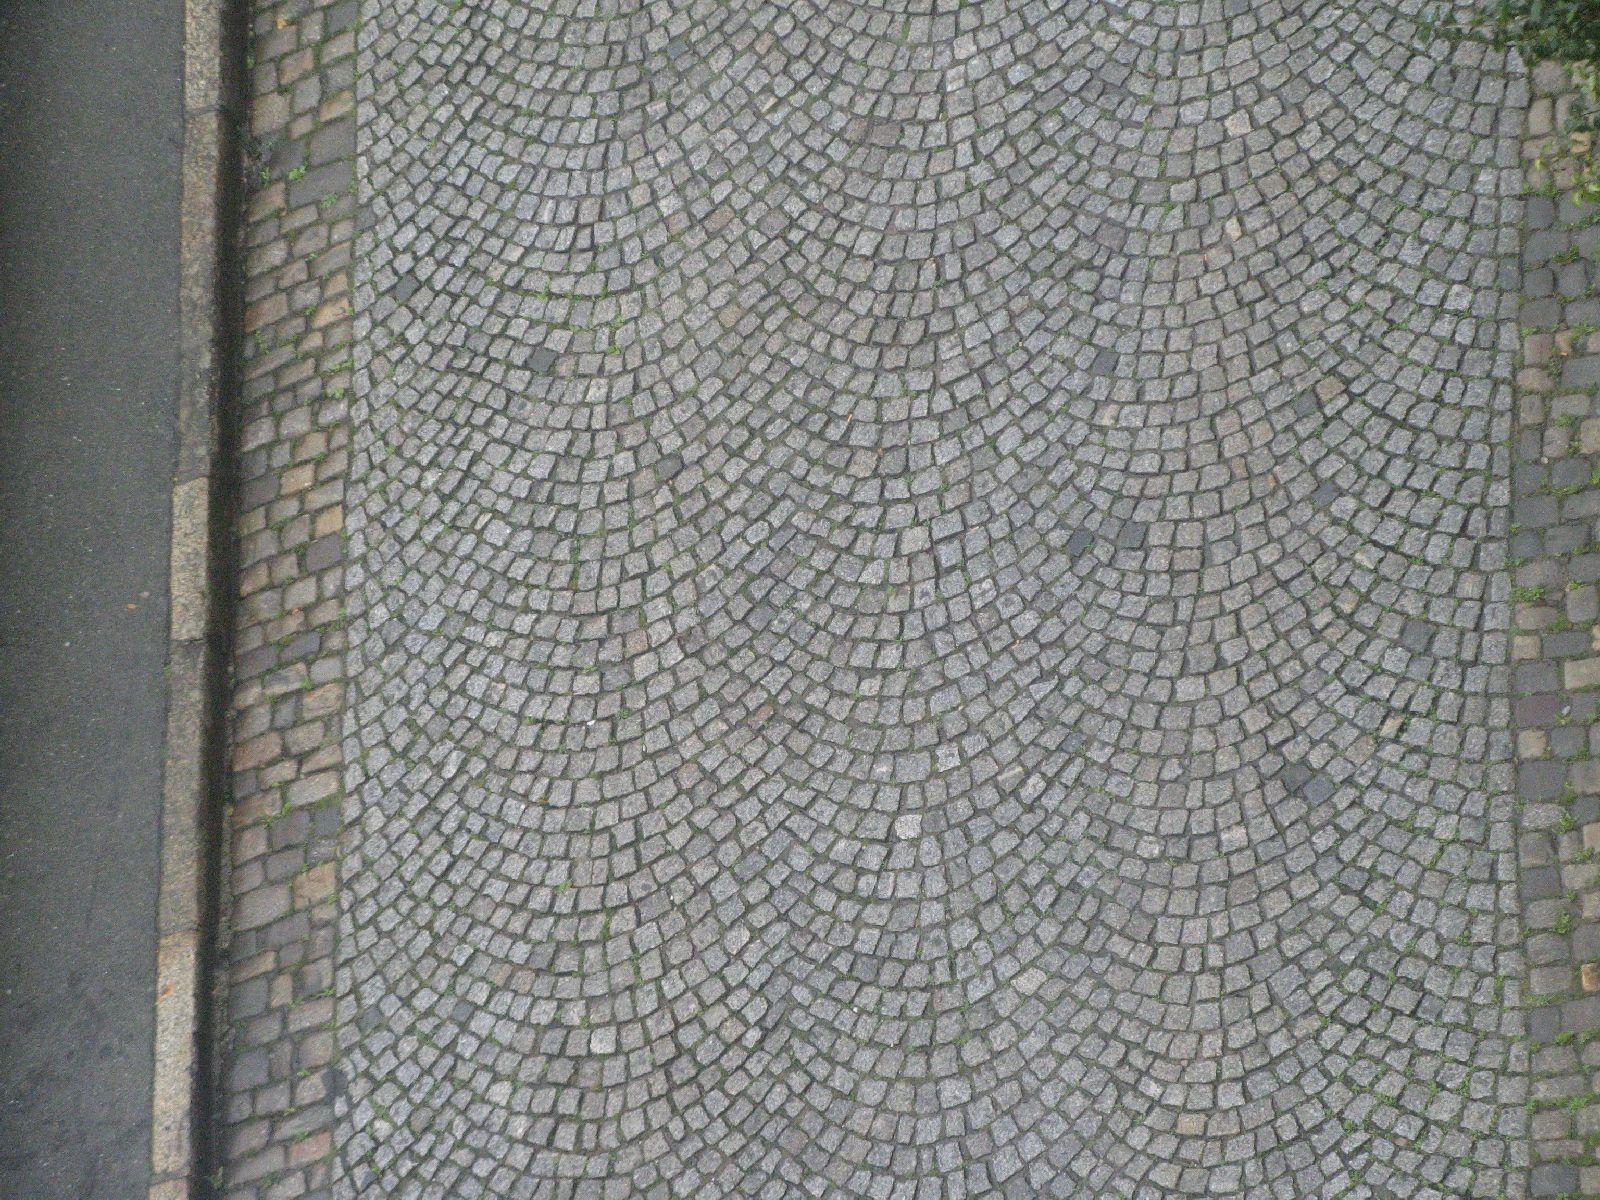 Ground-Urban_Texture_B_2454